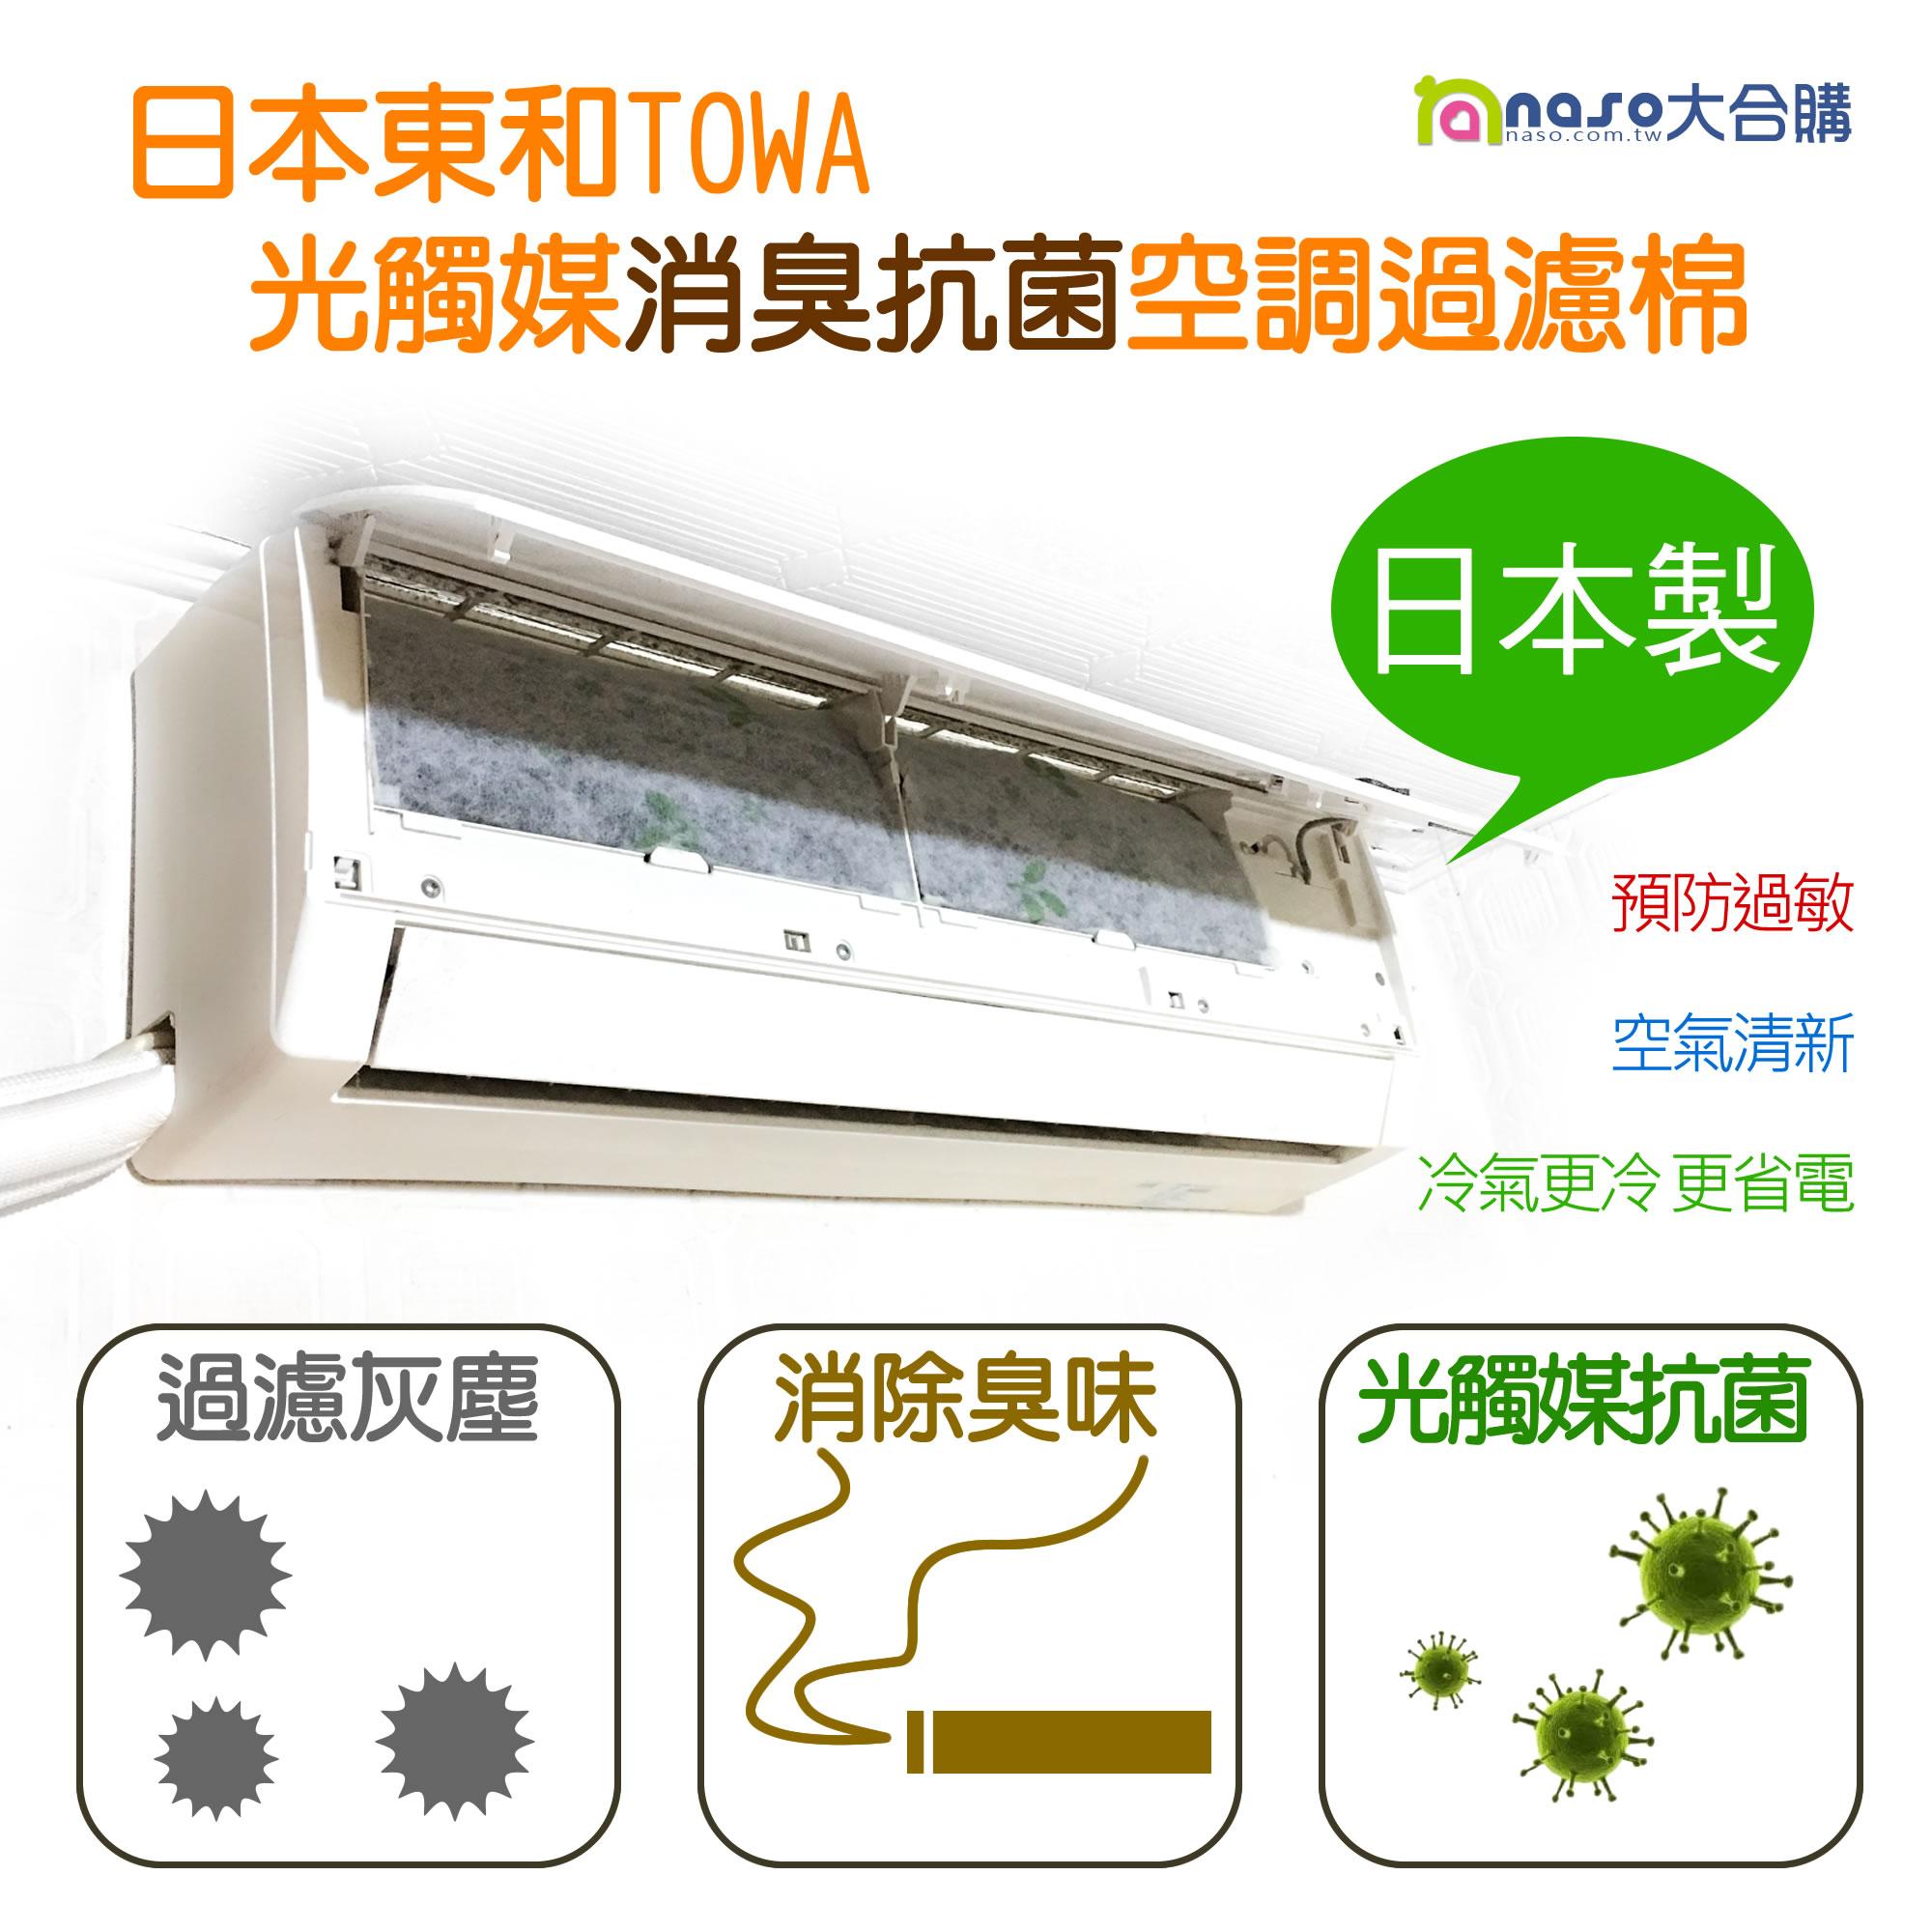 【日本東和】TOWA光觸媒消臭抗菌冷氣空調過濾棉(3枚入) 好評第2團